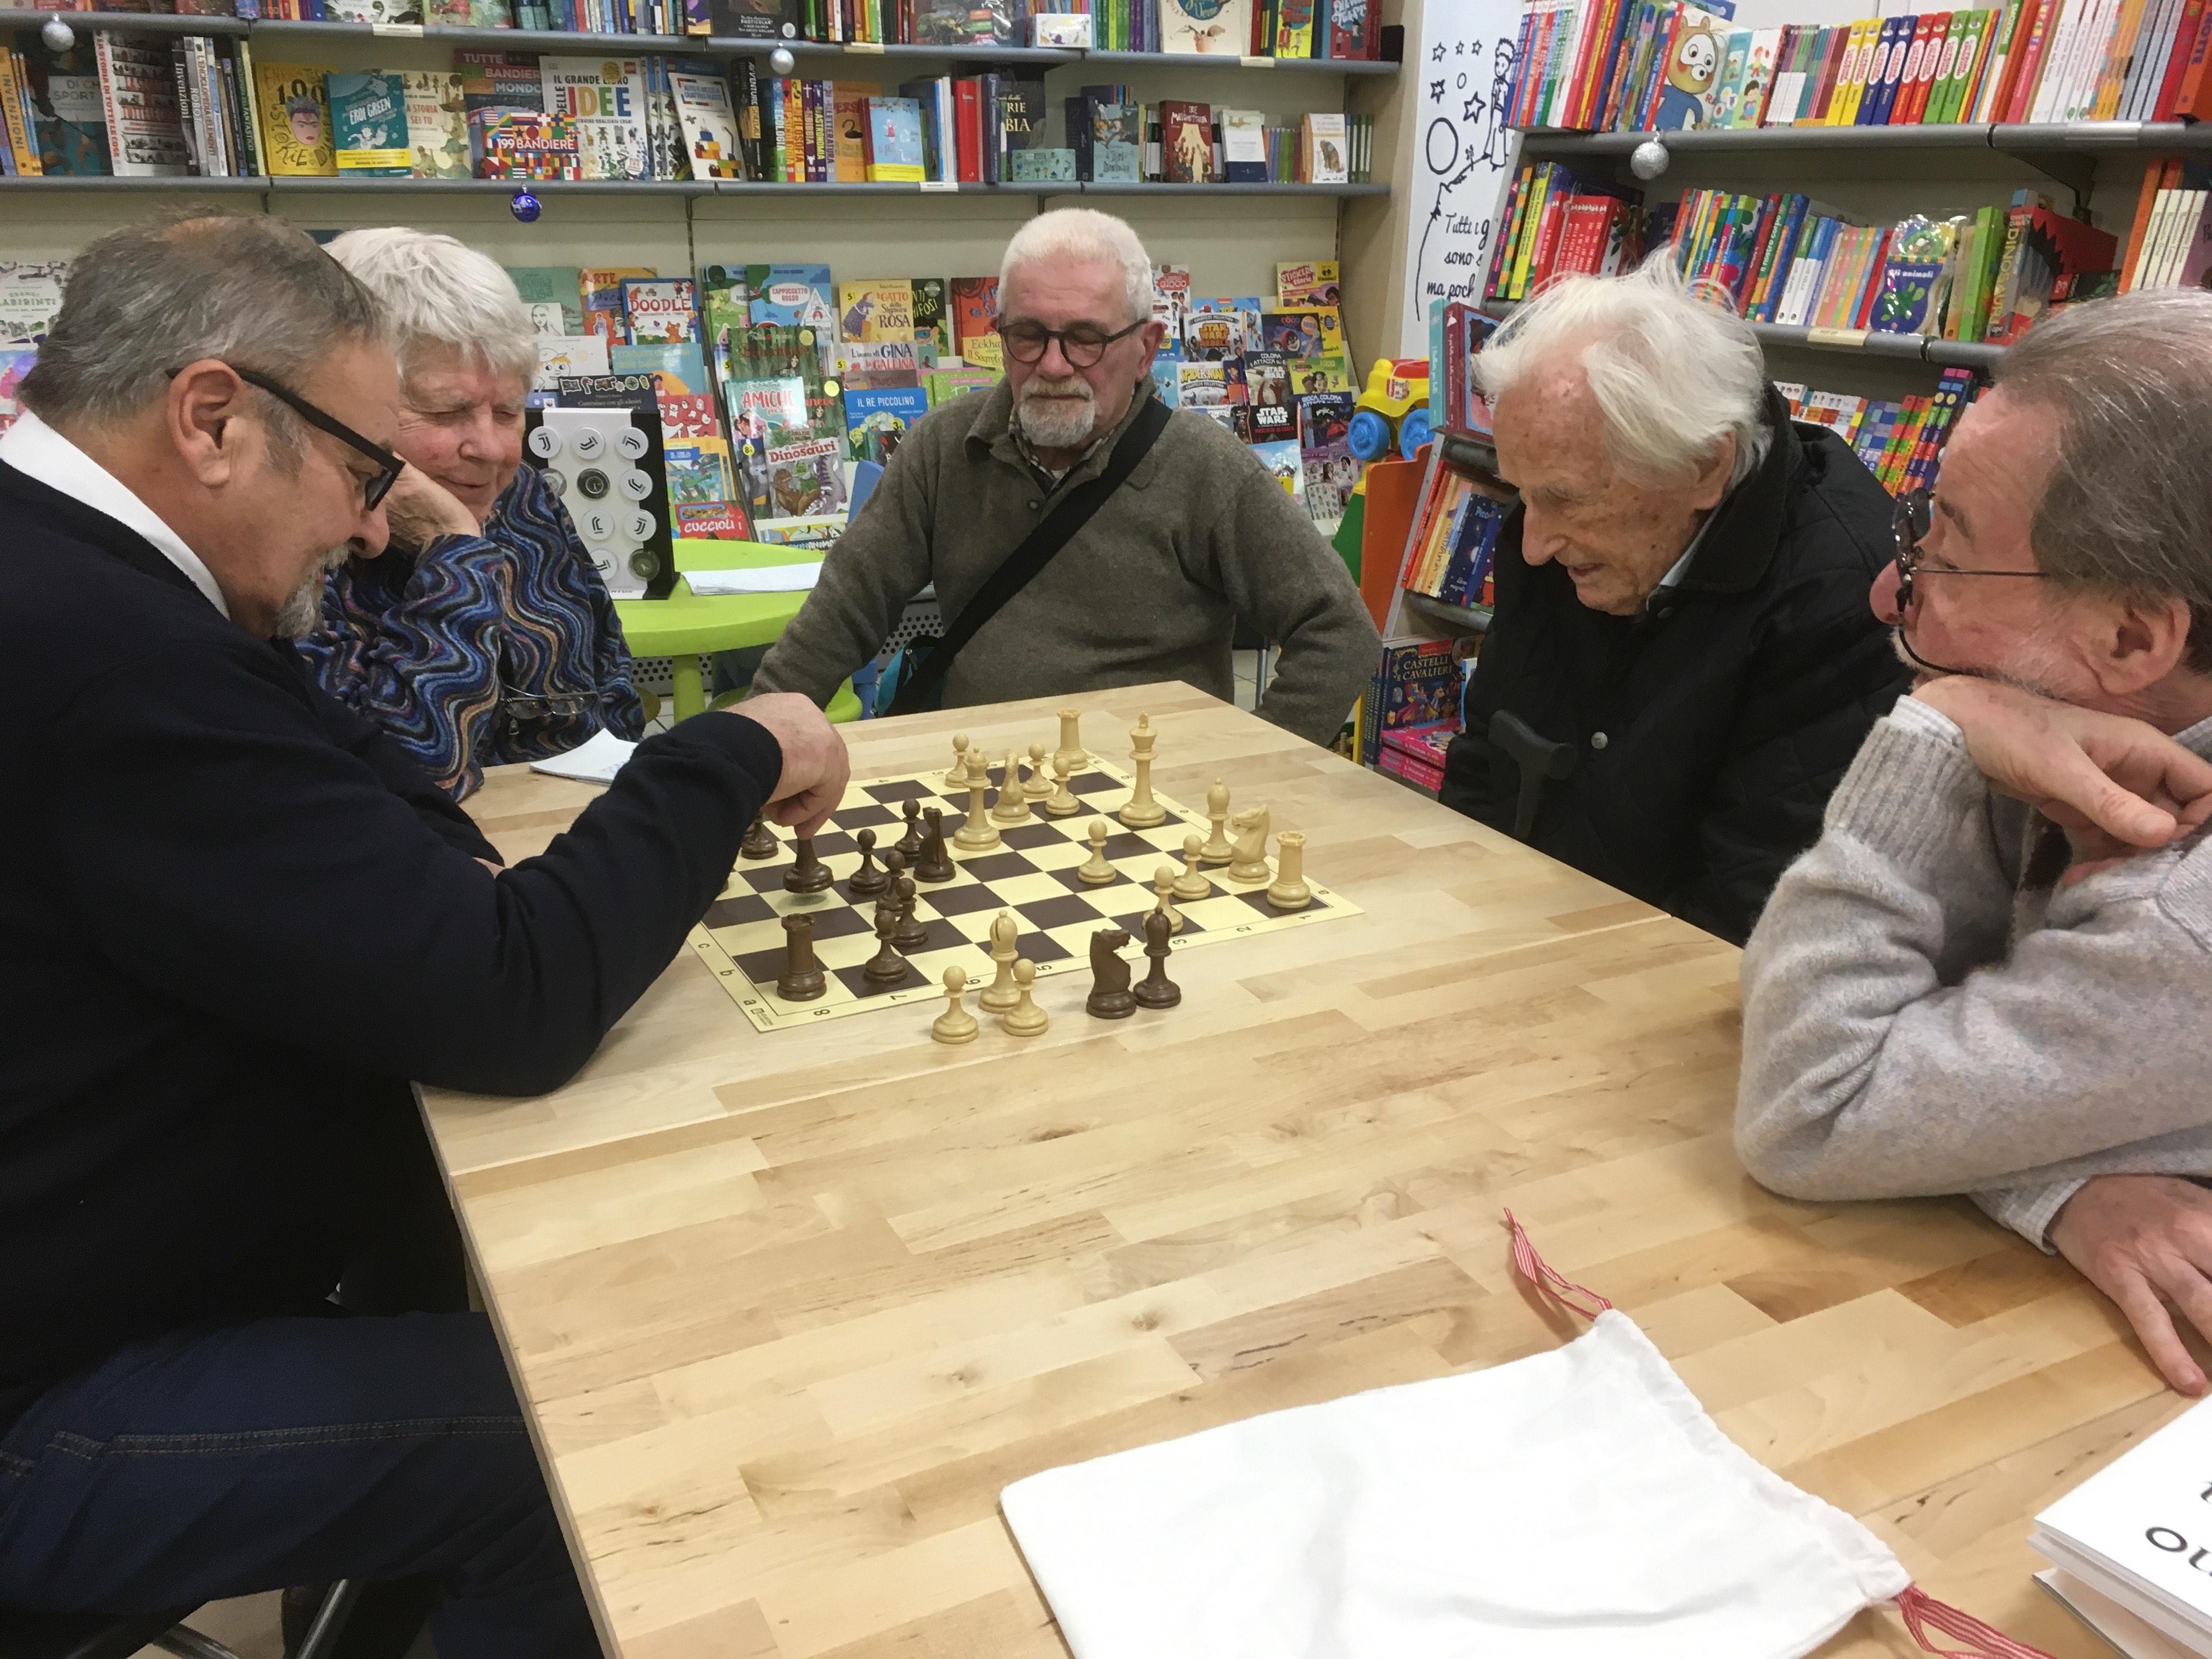 101 anni e giocare a scacchi con piacere